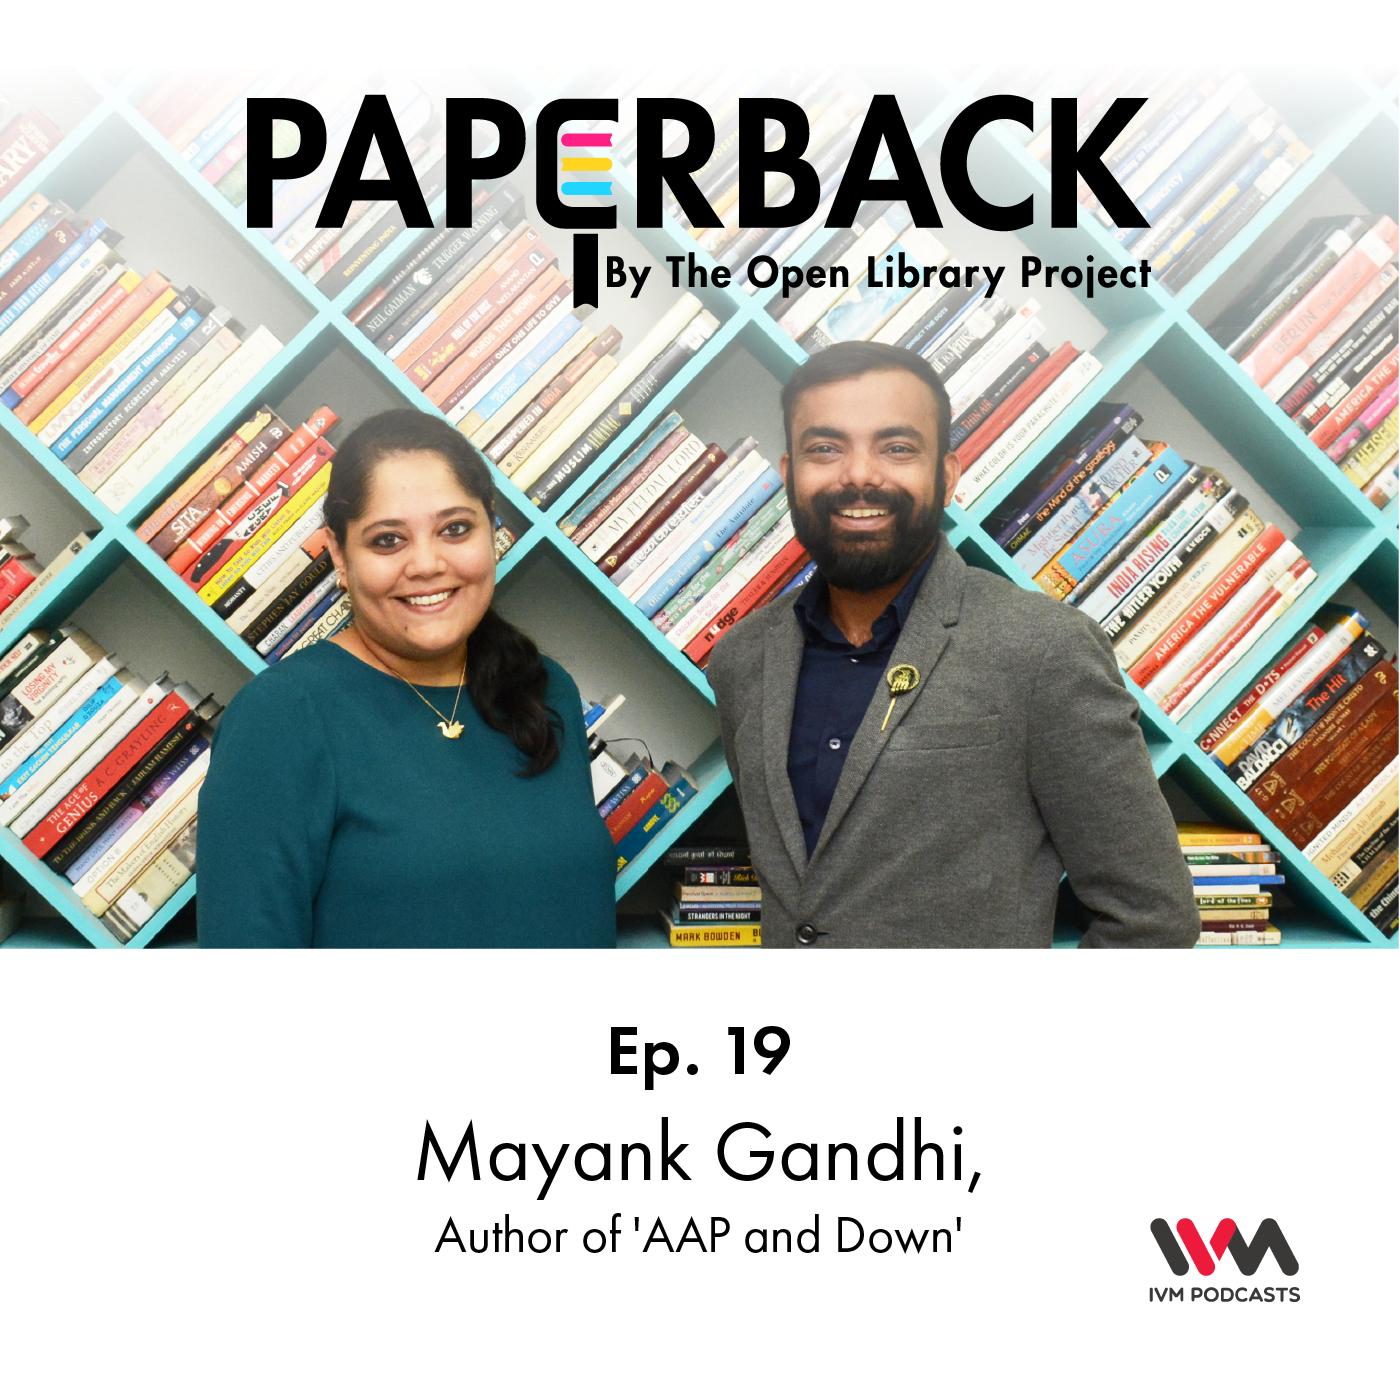 Ep. 19: Mayank Gandhi